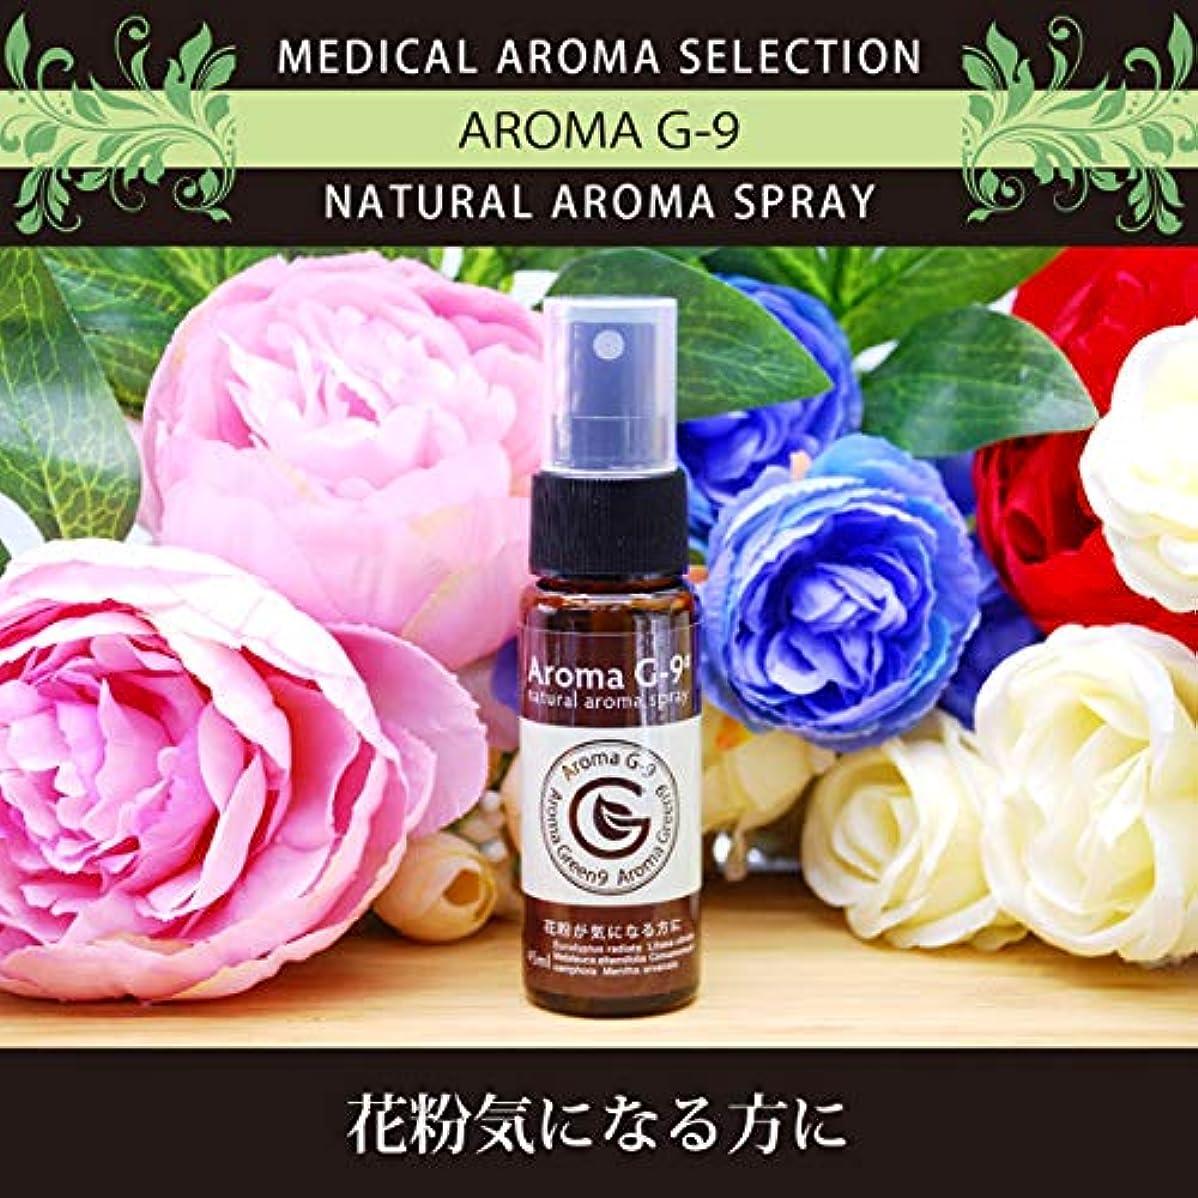 謝る独立したセラフアロマスプレー Aroma G-9# 花粉症アロマスプレー 45ml